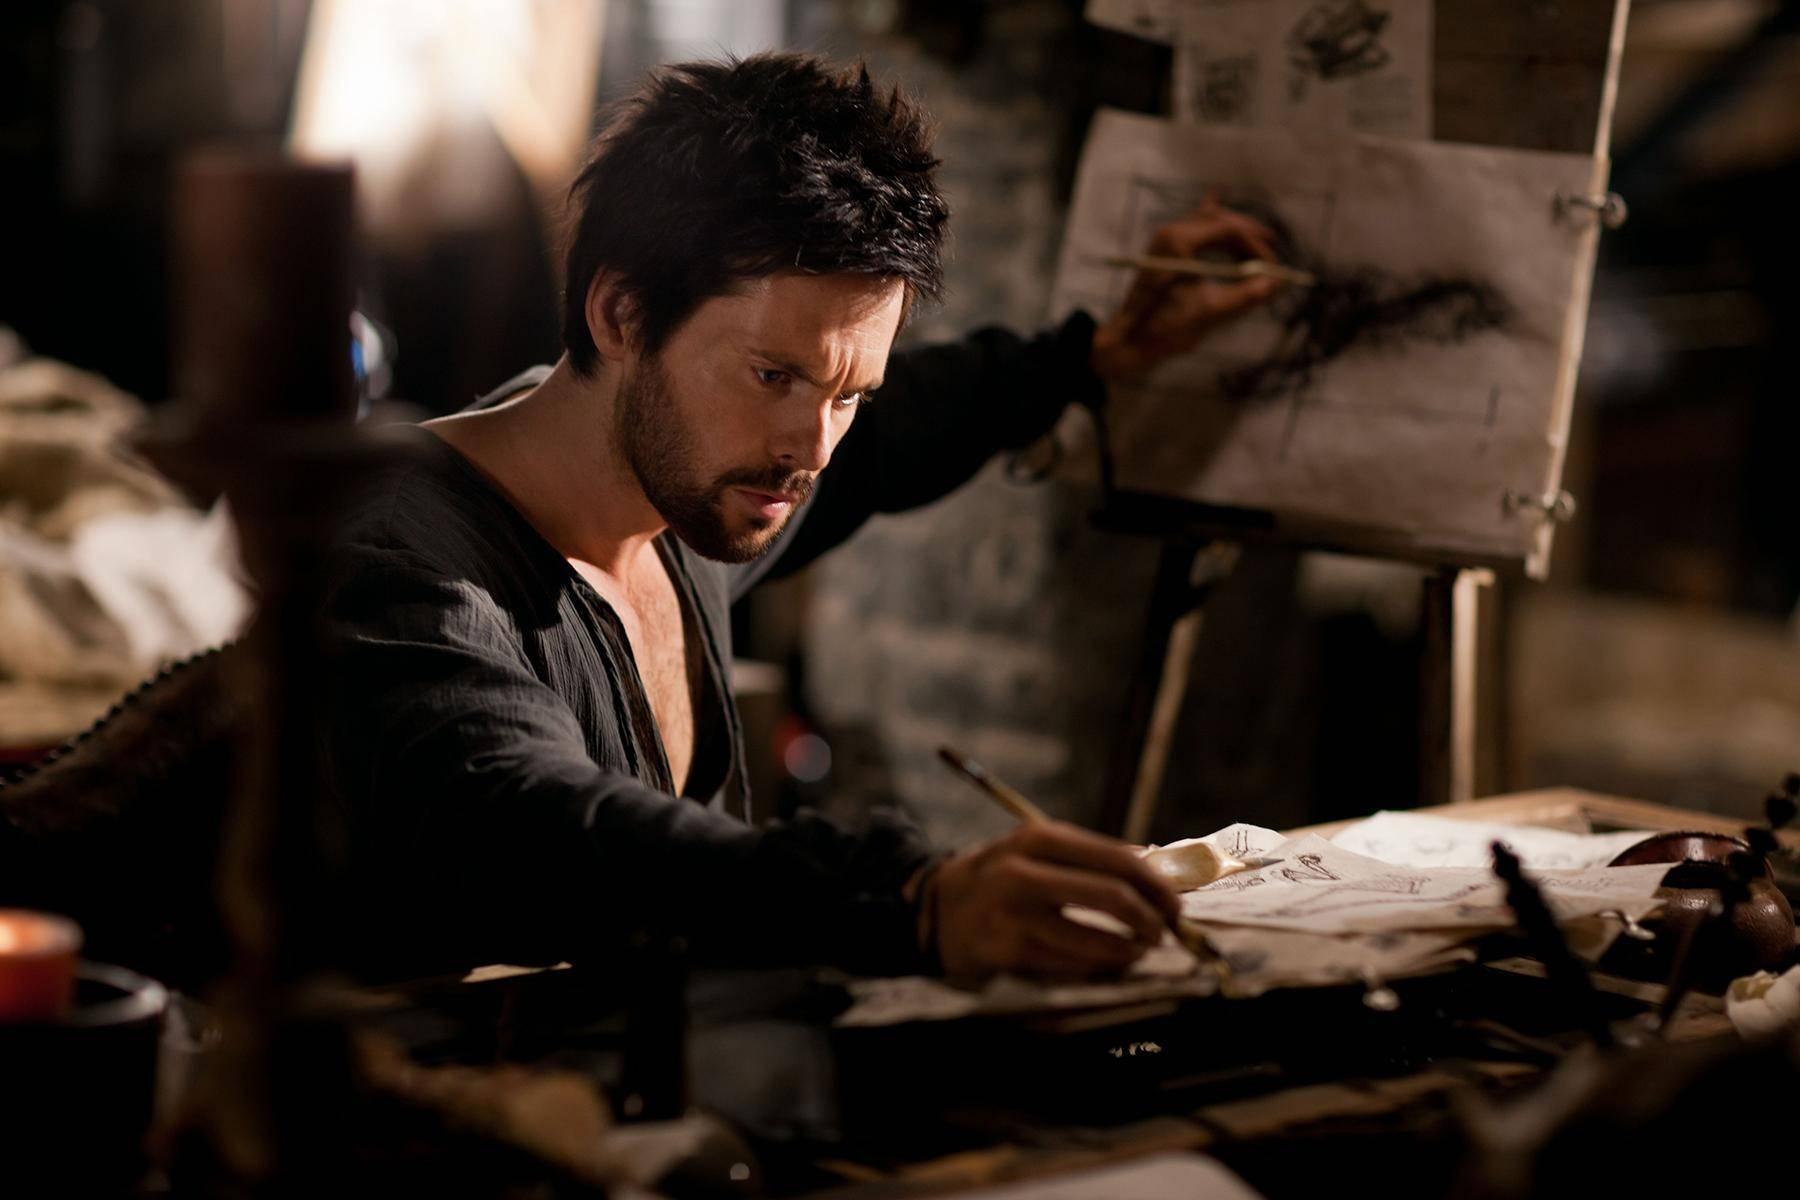 达·芬奇是位大画家,他画了一幅油画,可是却出现了一个失误